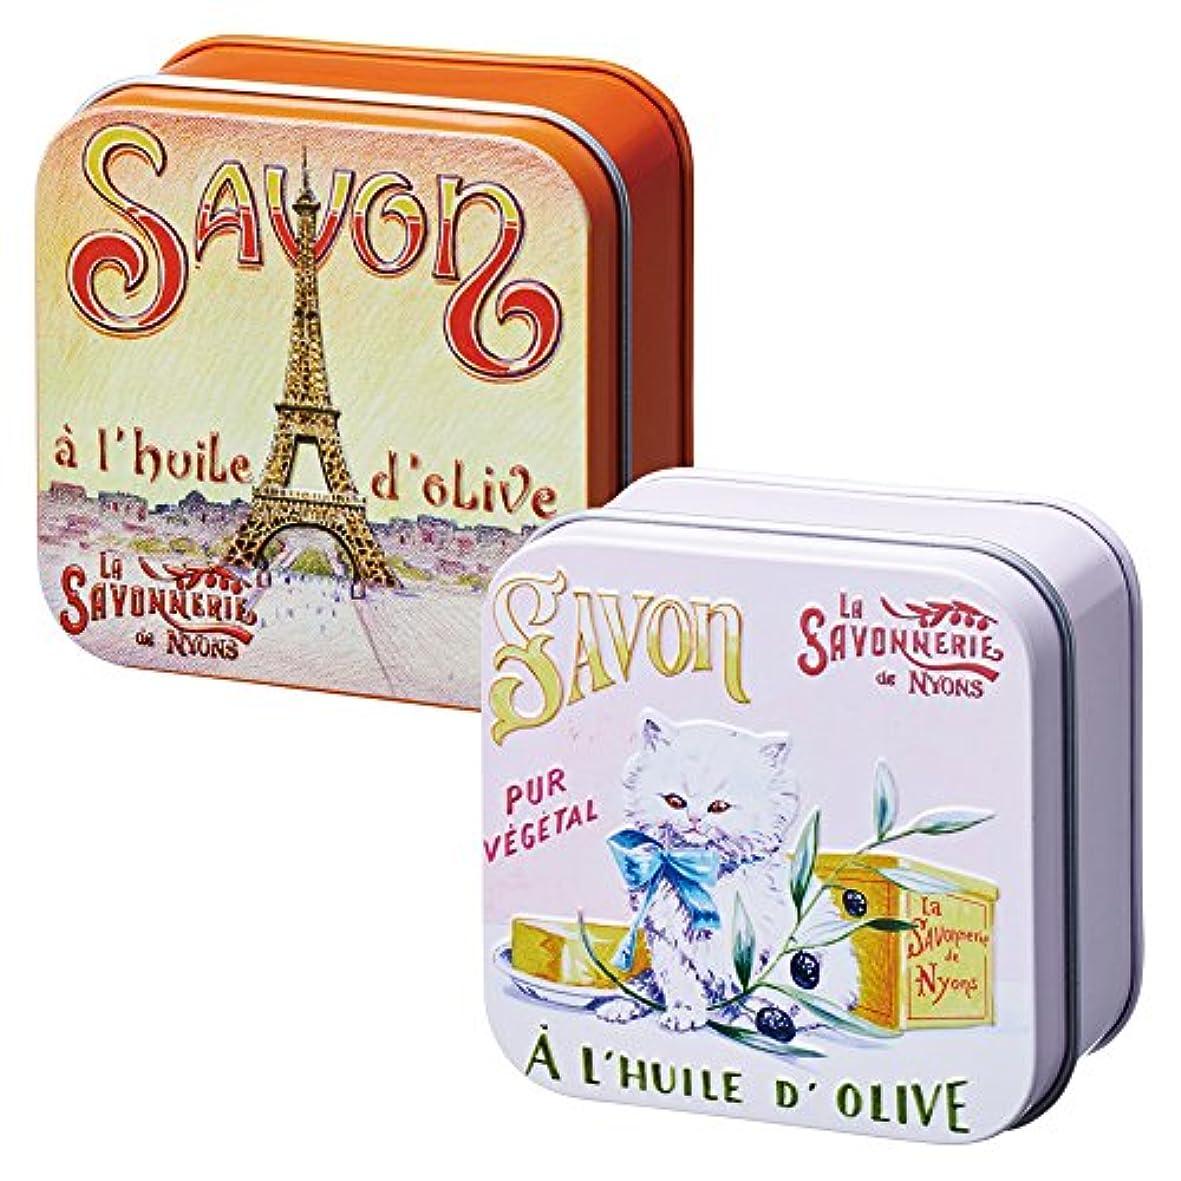 燃料相対的ほこりっぽいフランスお土産 ラ?サボネリー アンティーク缶入り石けん 2種セット(子猫&エッフェル塔)